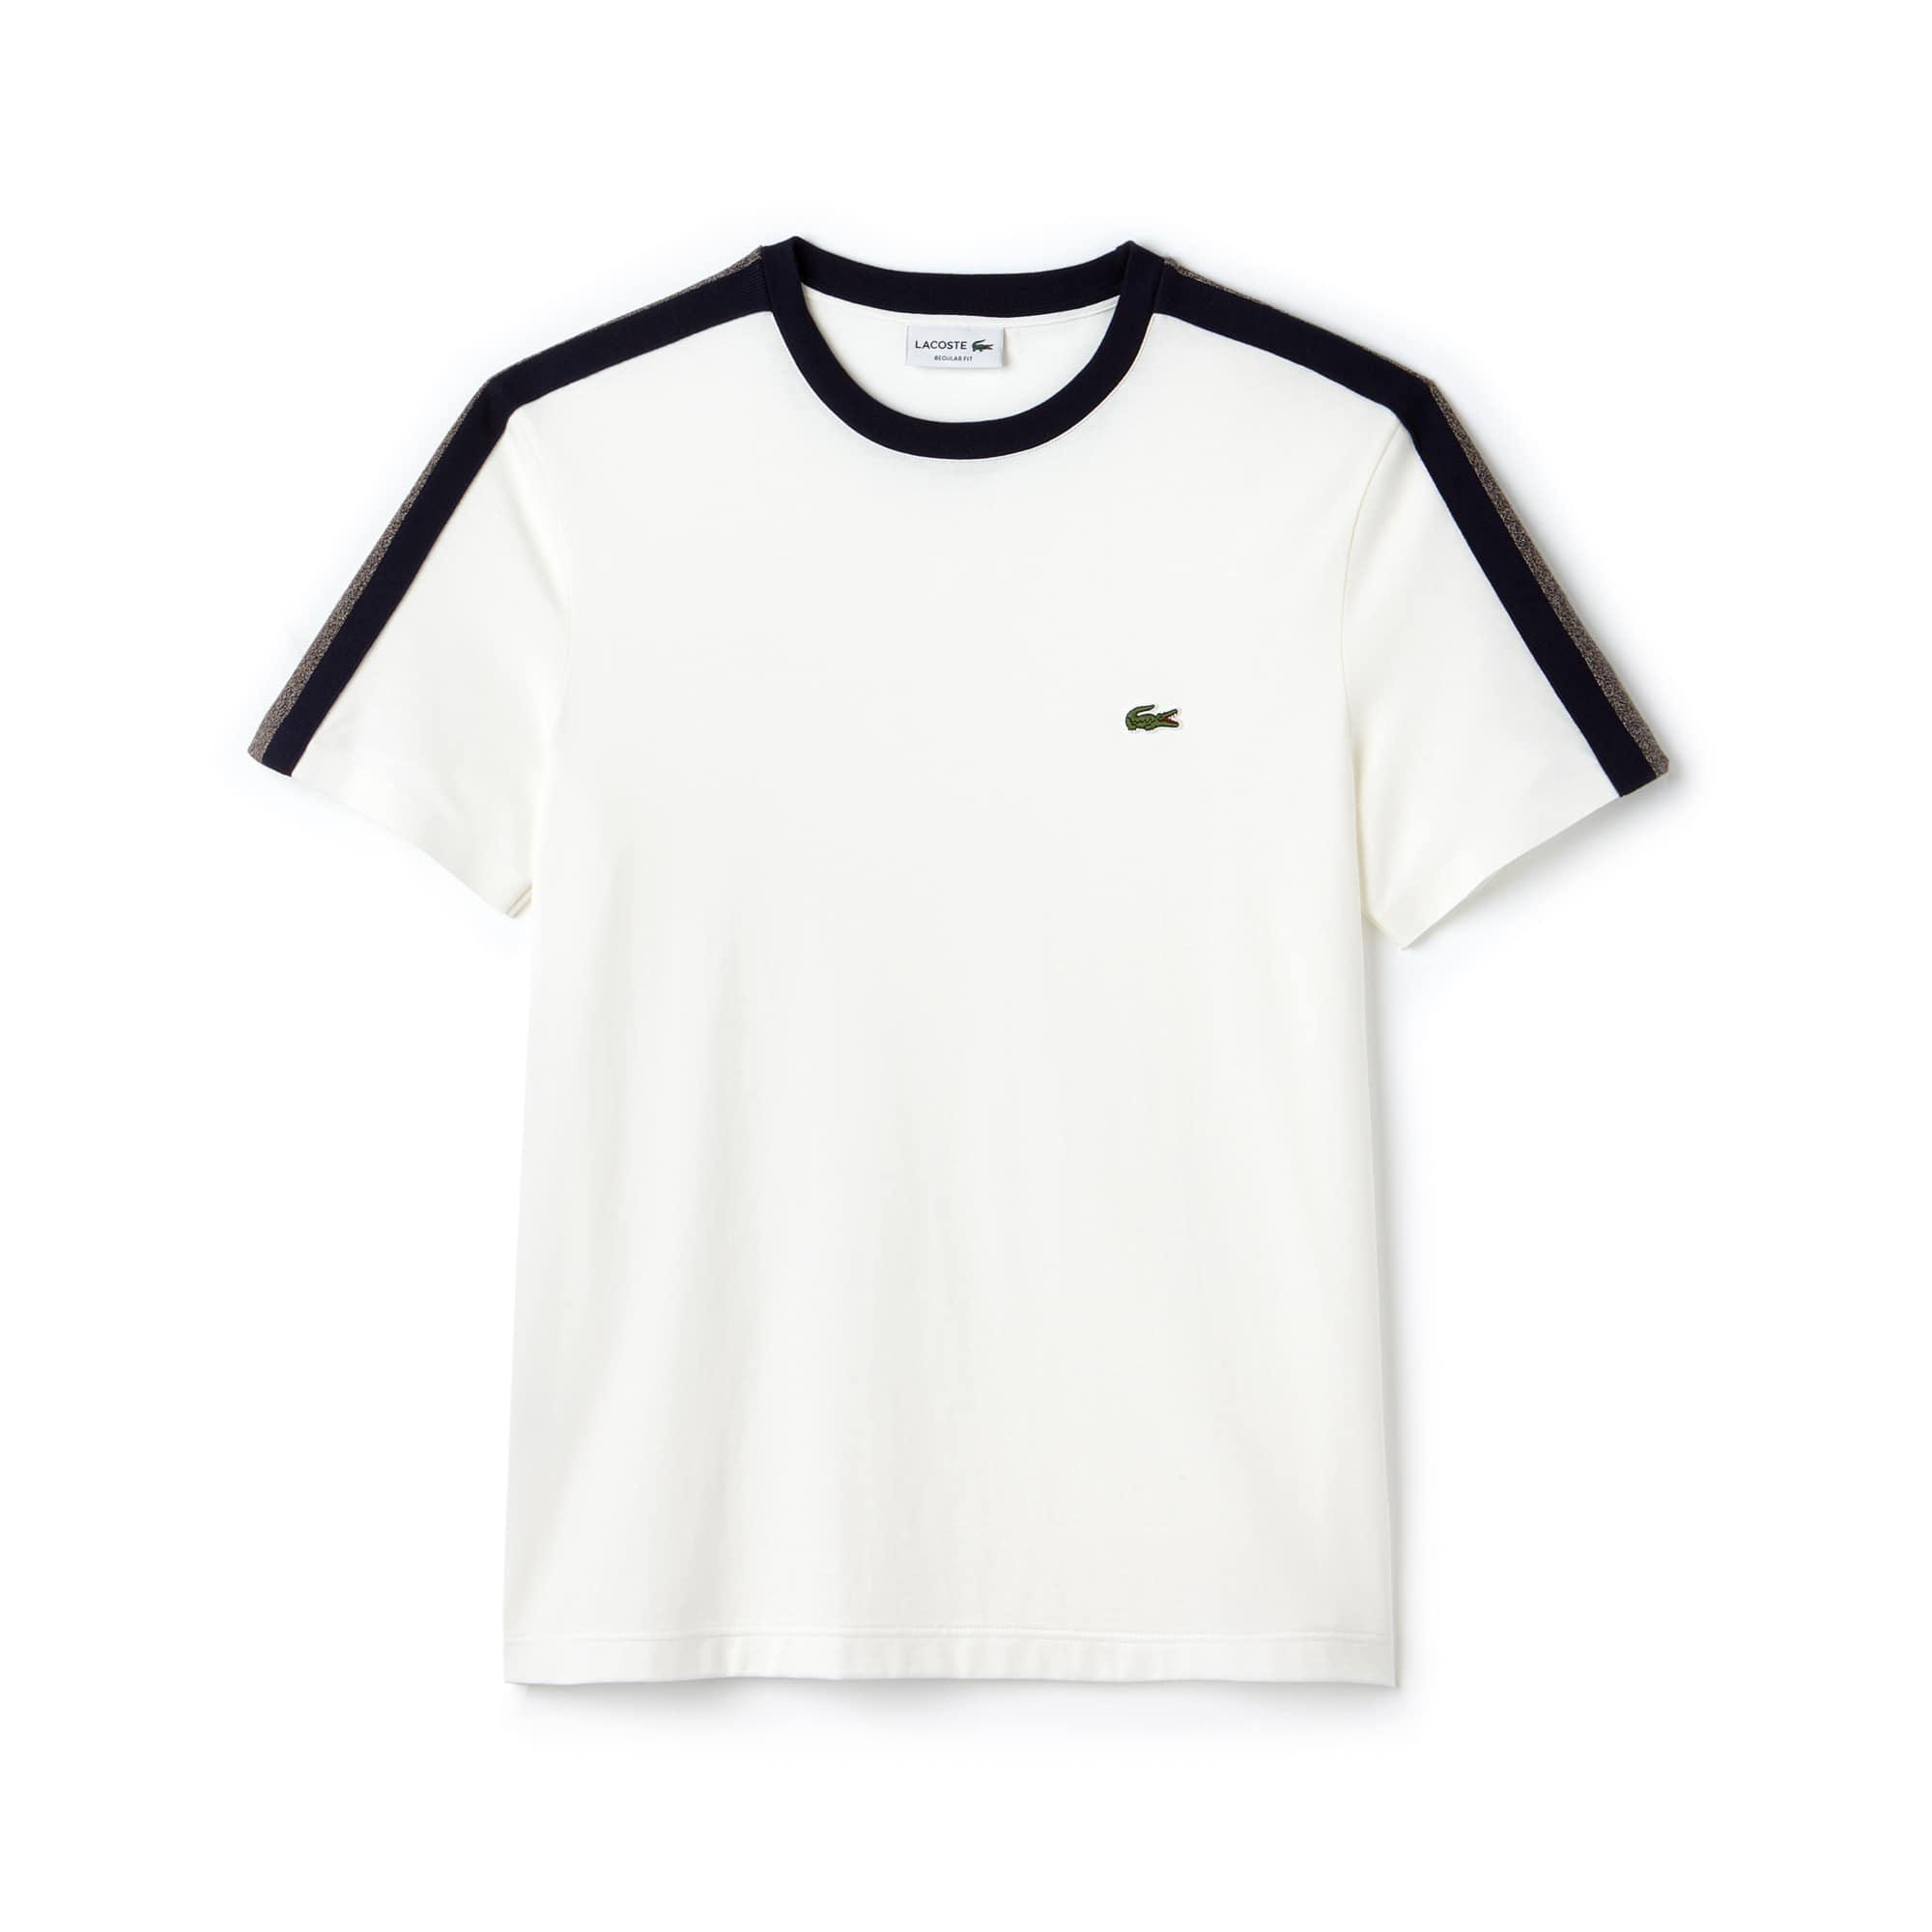 Camiseta De Hombre Made In France En Tejido De Punto Con Franjas A Contraste Y Cuello Redondo